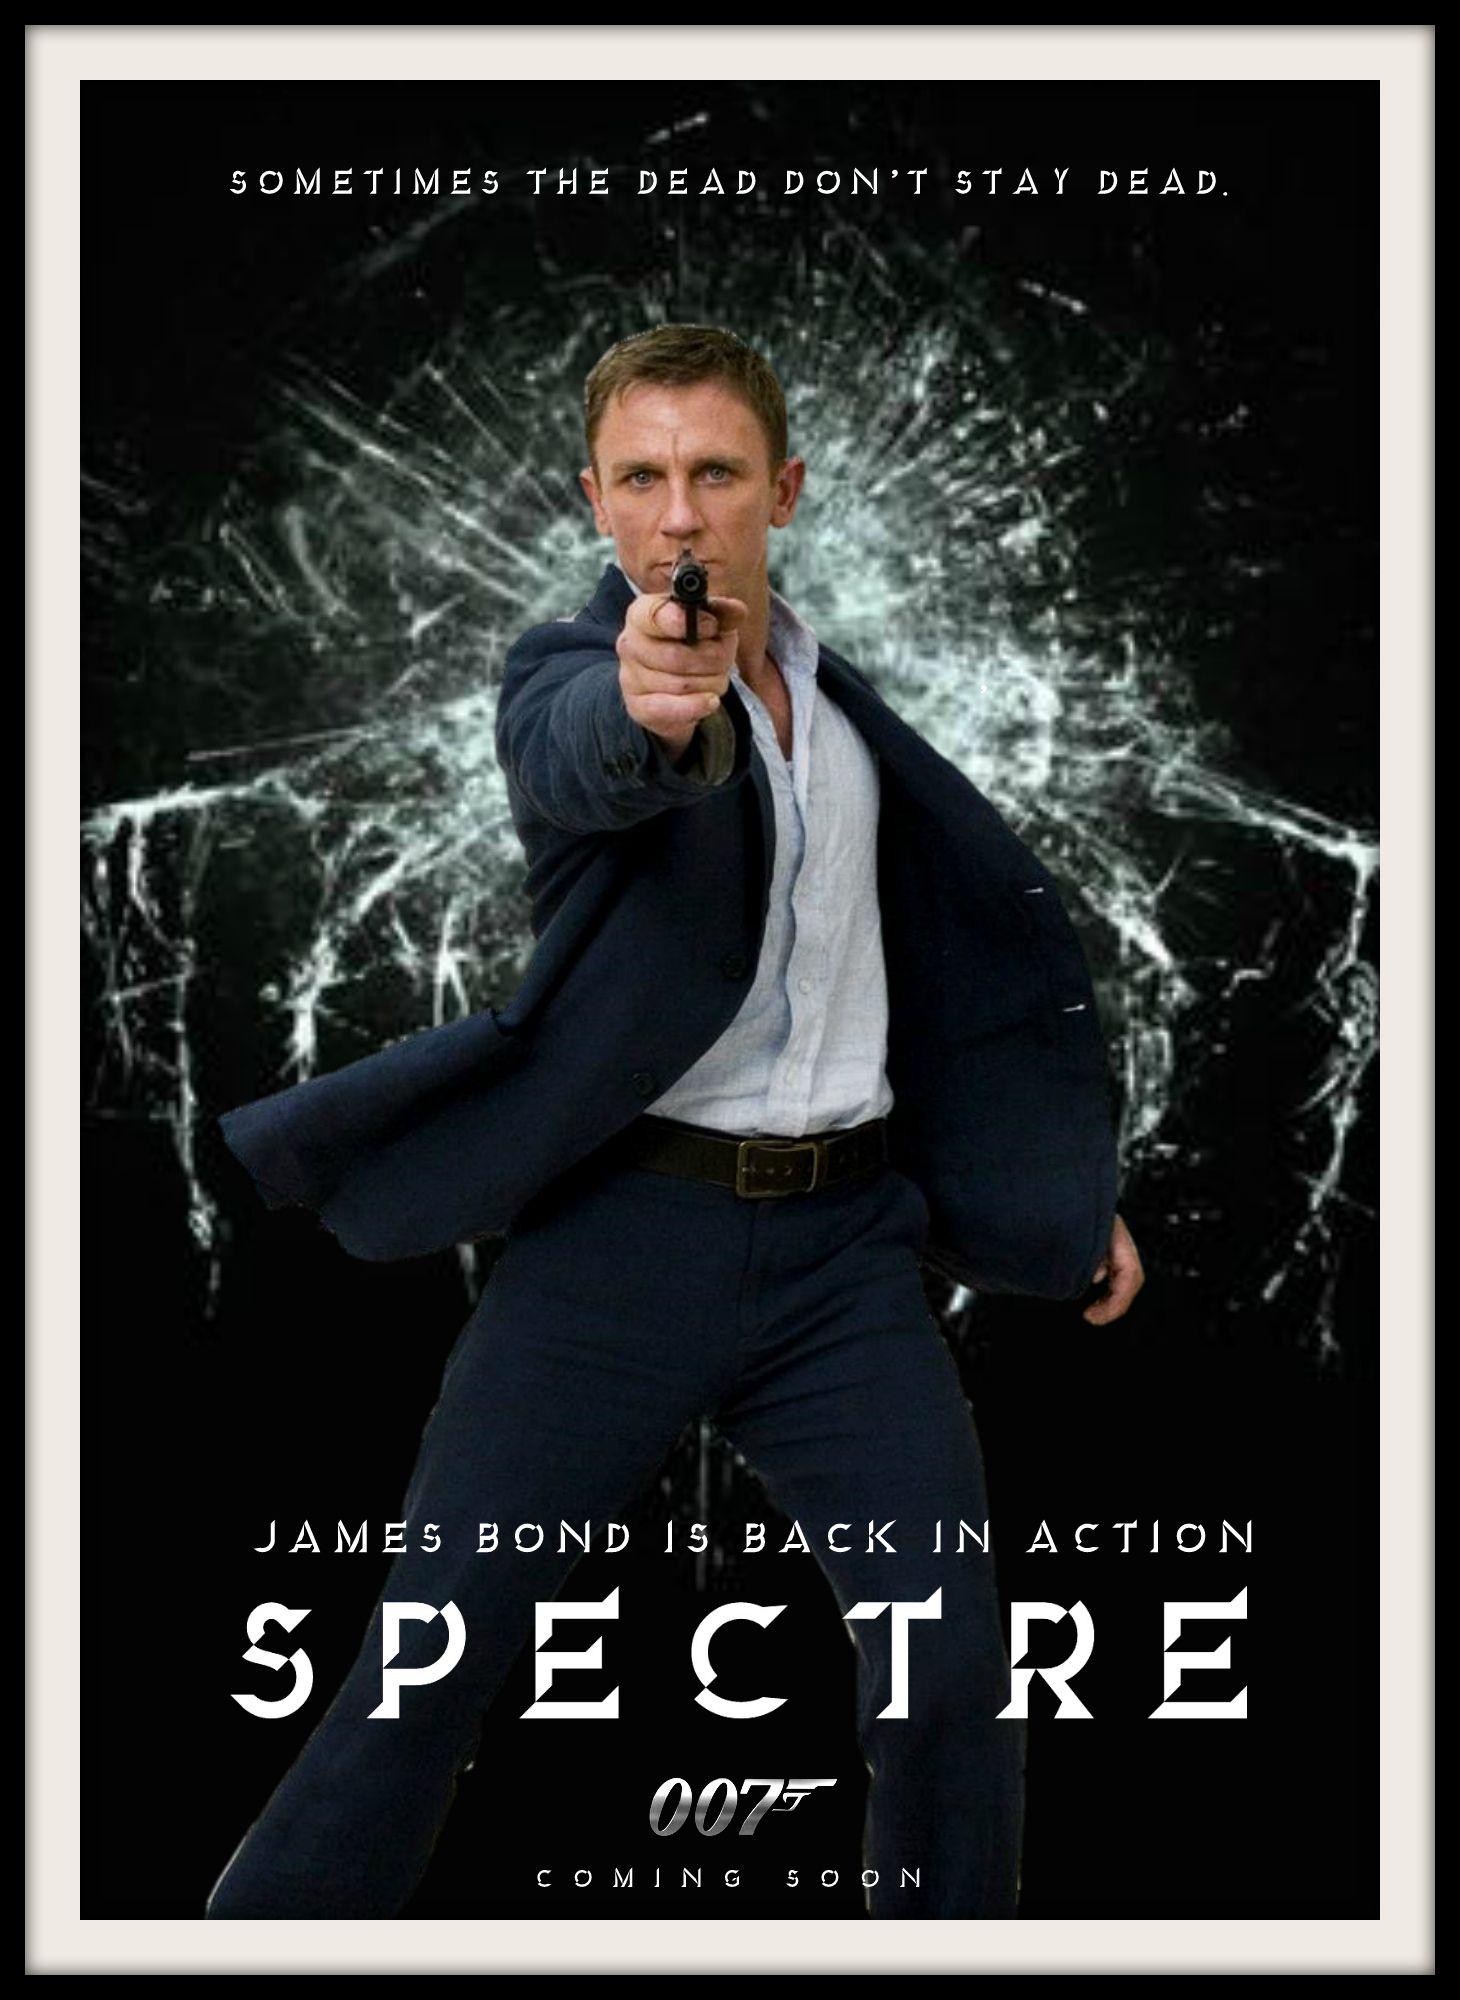 james bond spectre movie poster jamesbond 007 bond24. Black Bedroom Furniture Sets. Home Design Ideas